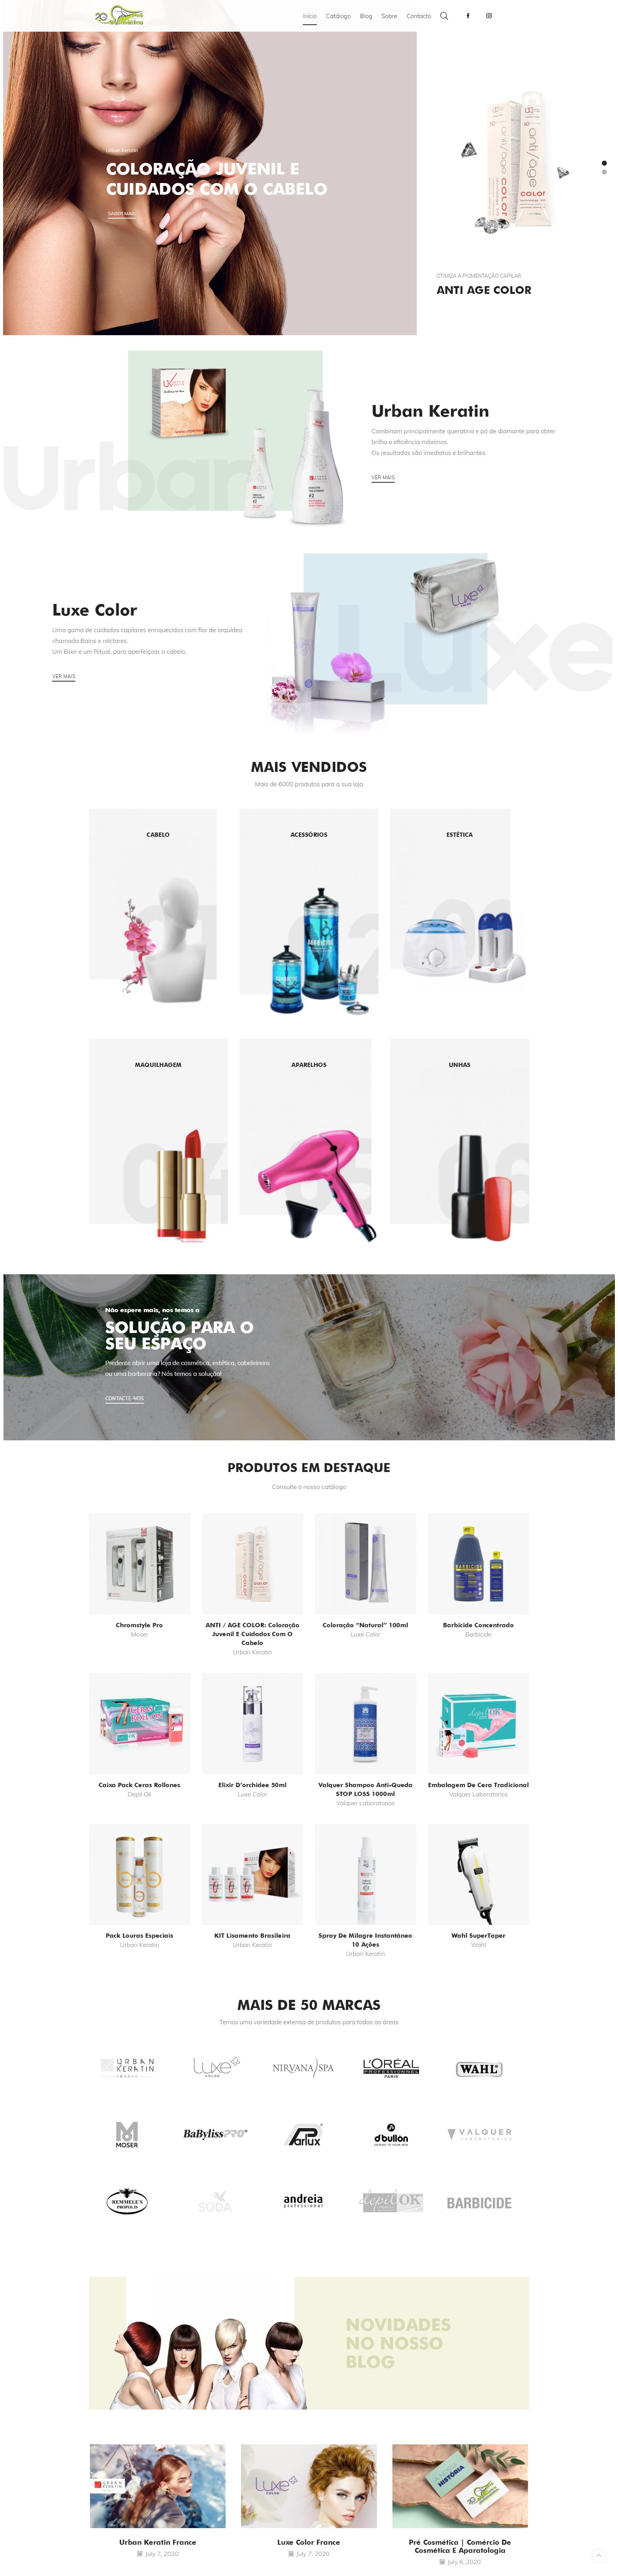 website-pre-cosmetica-esthetic